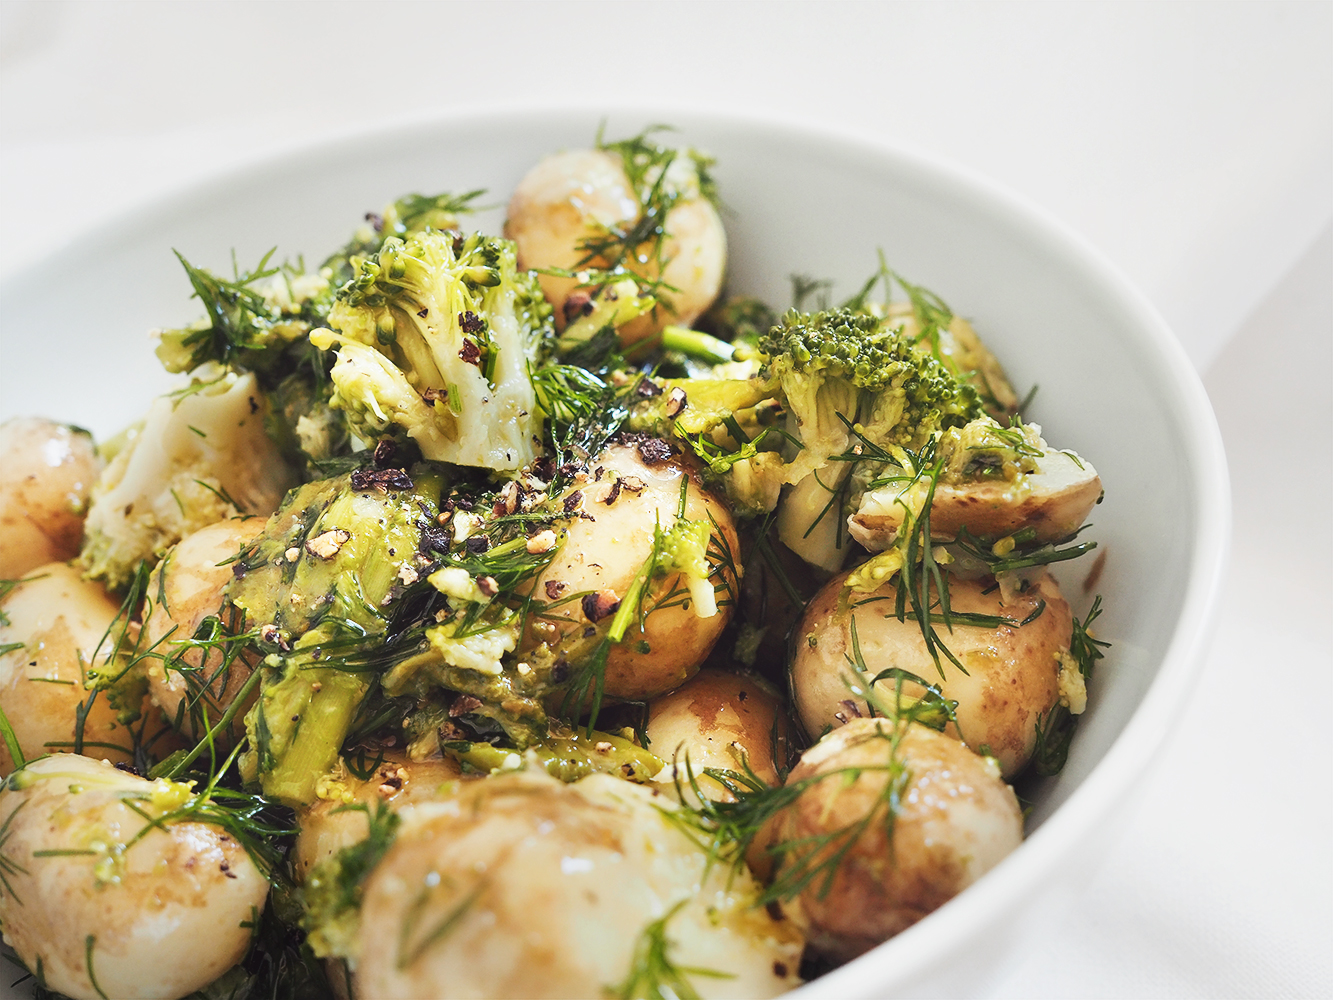 Szparagi & mlode ziemniaki – eatmeplease.pl